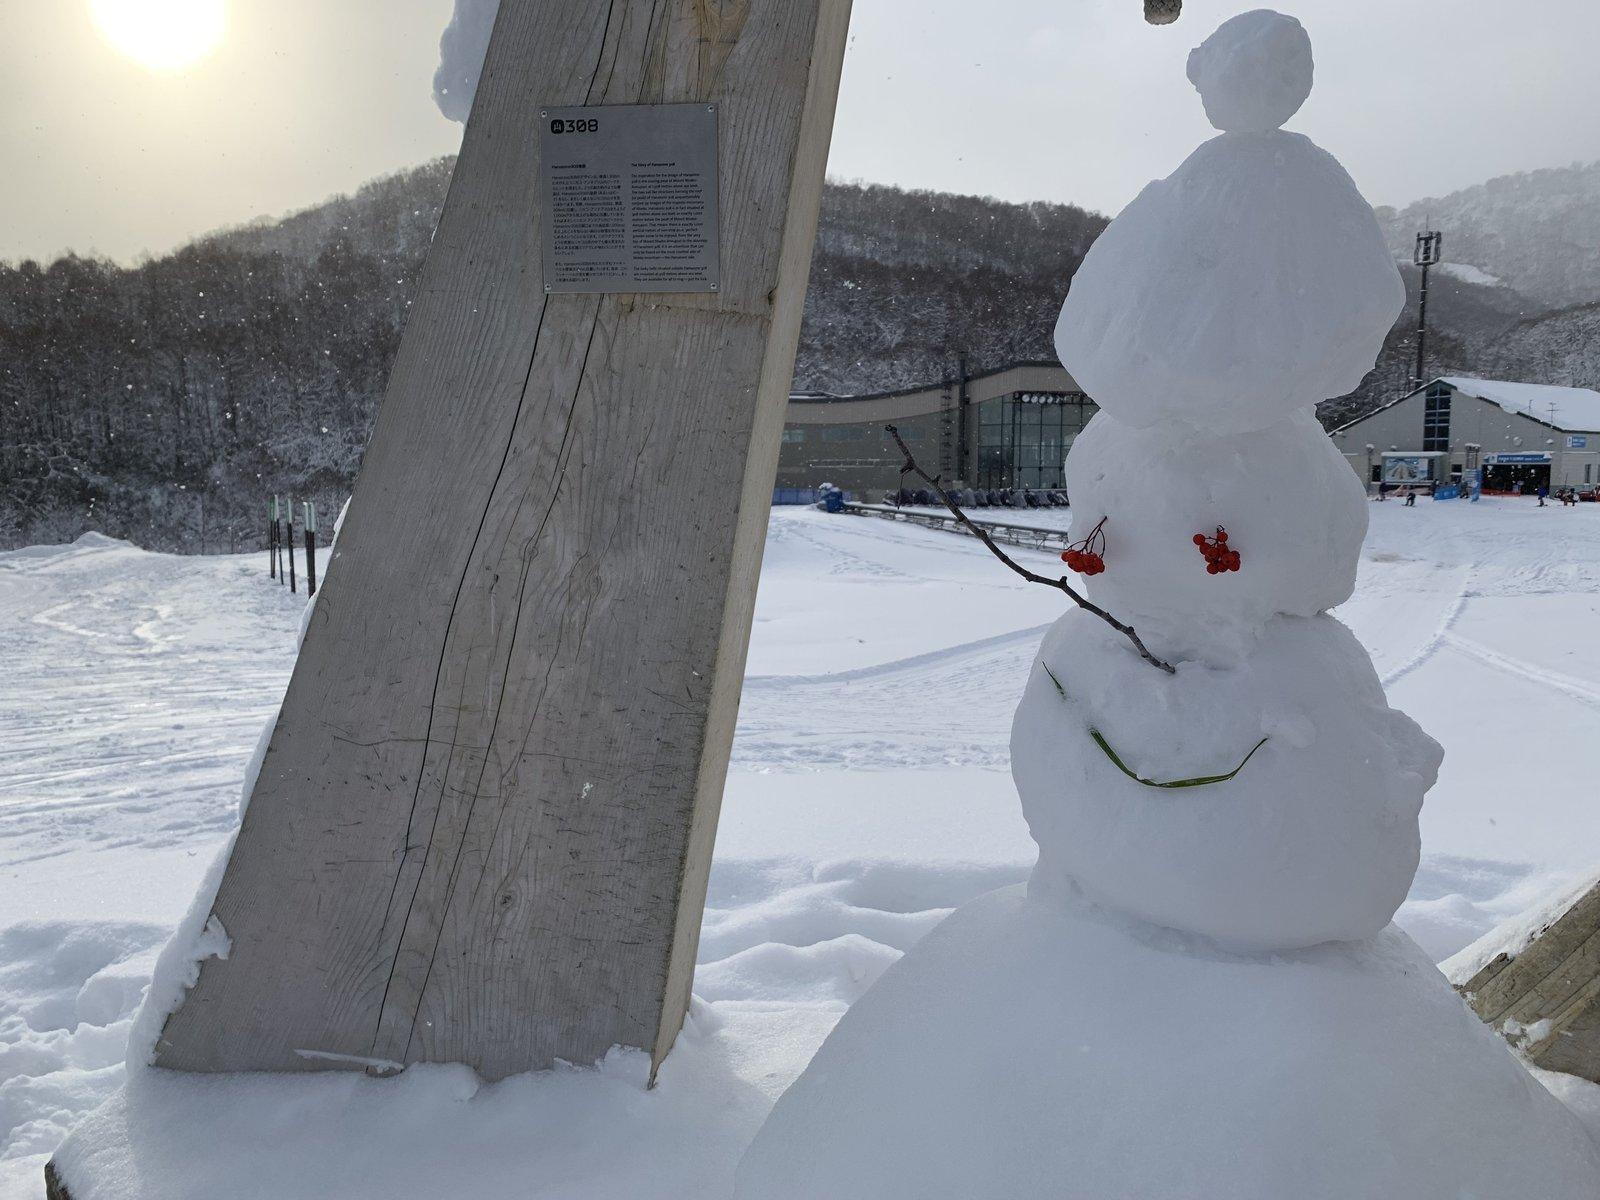 ニセコ花園スキー場の雪だるま